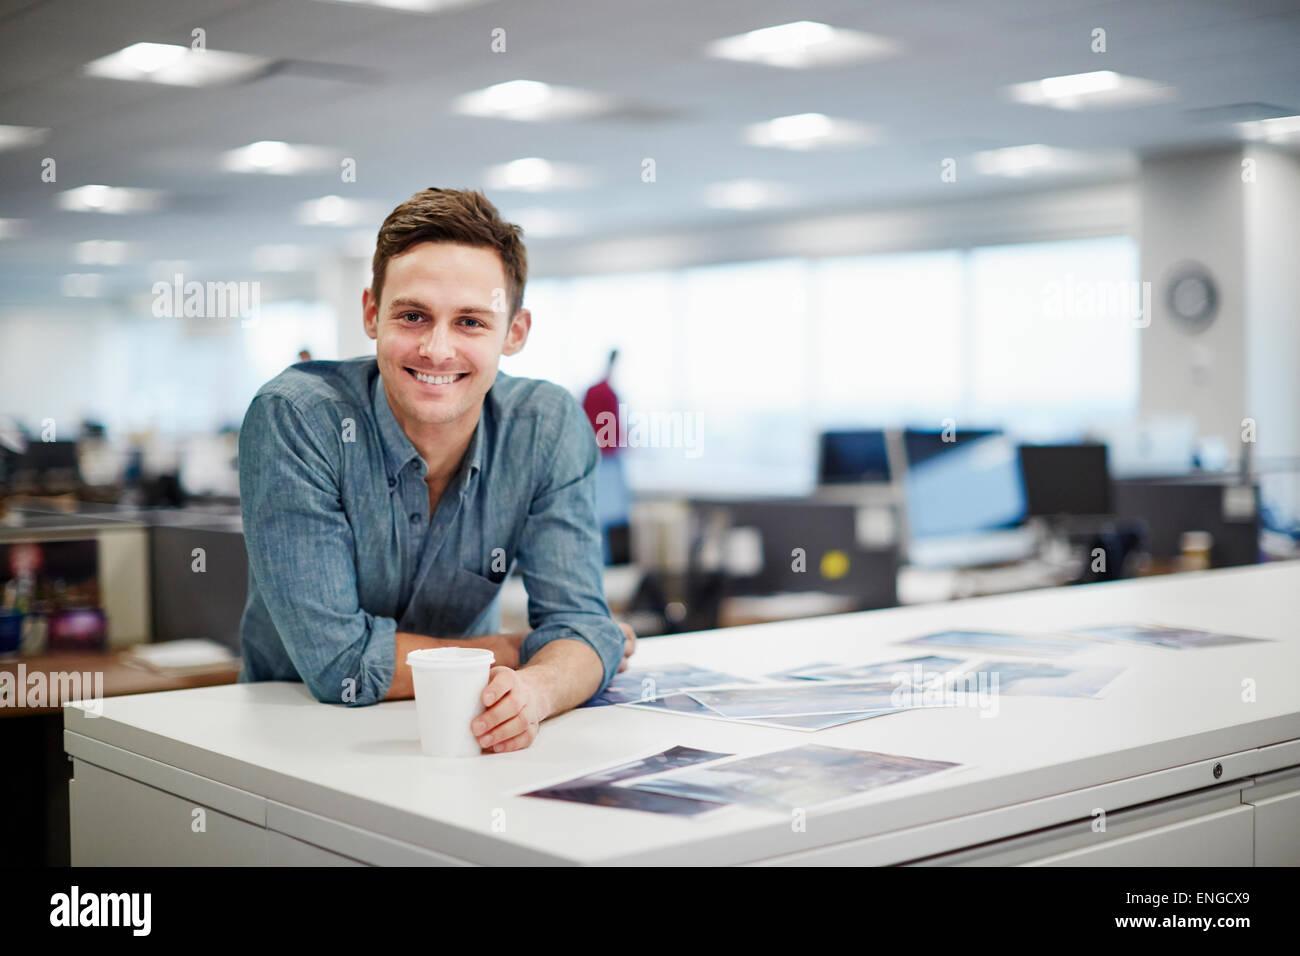 Ein Mann lächelte und beugte sich auf seinem Schreibtisch. Stockbild